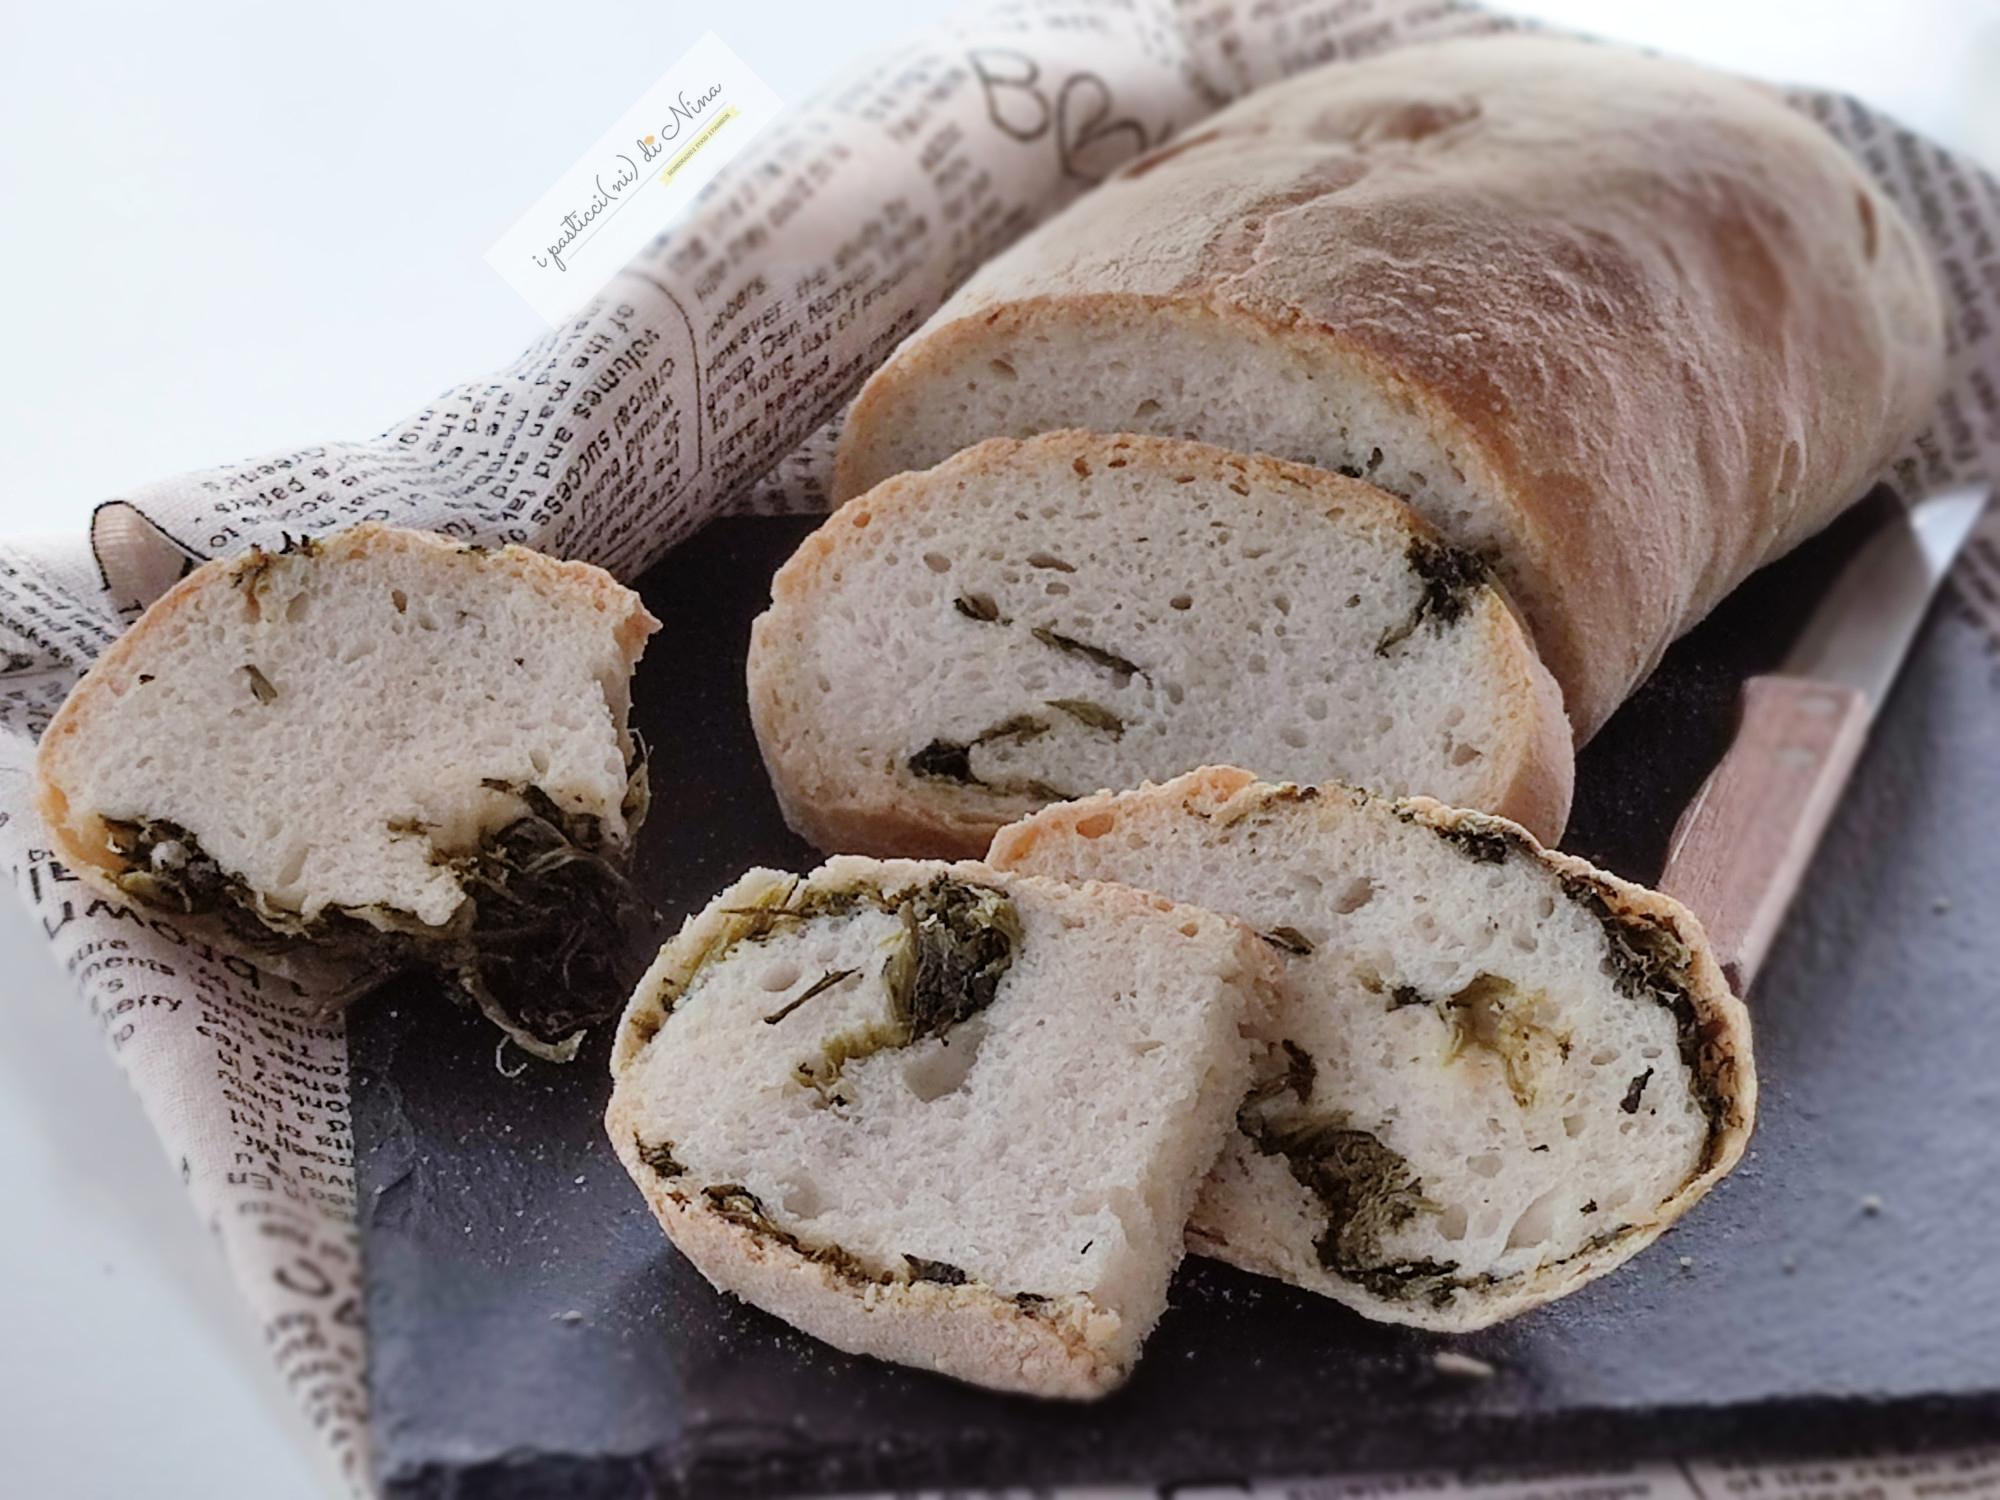 pane ai friarielli fatto in casa gustoso e croccante fuori con tanta mollica